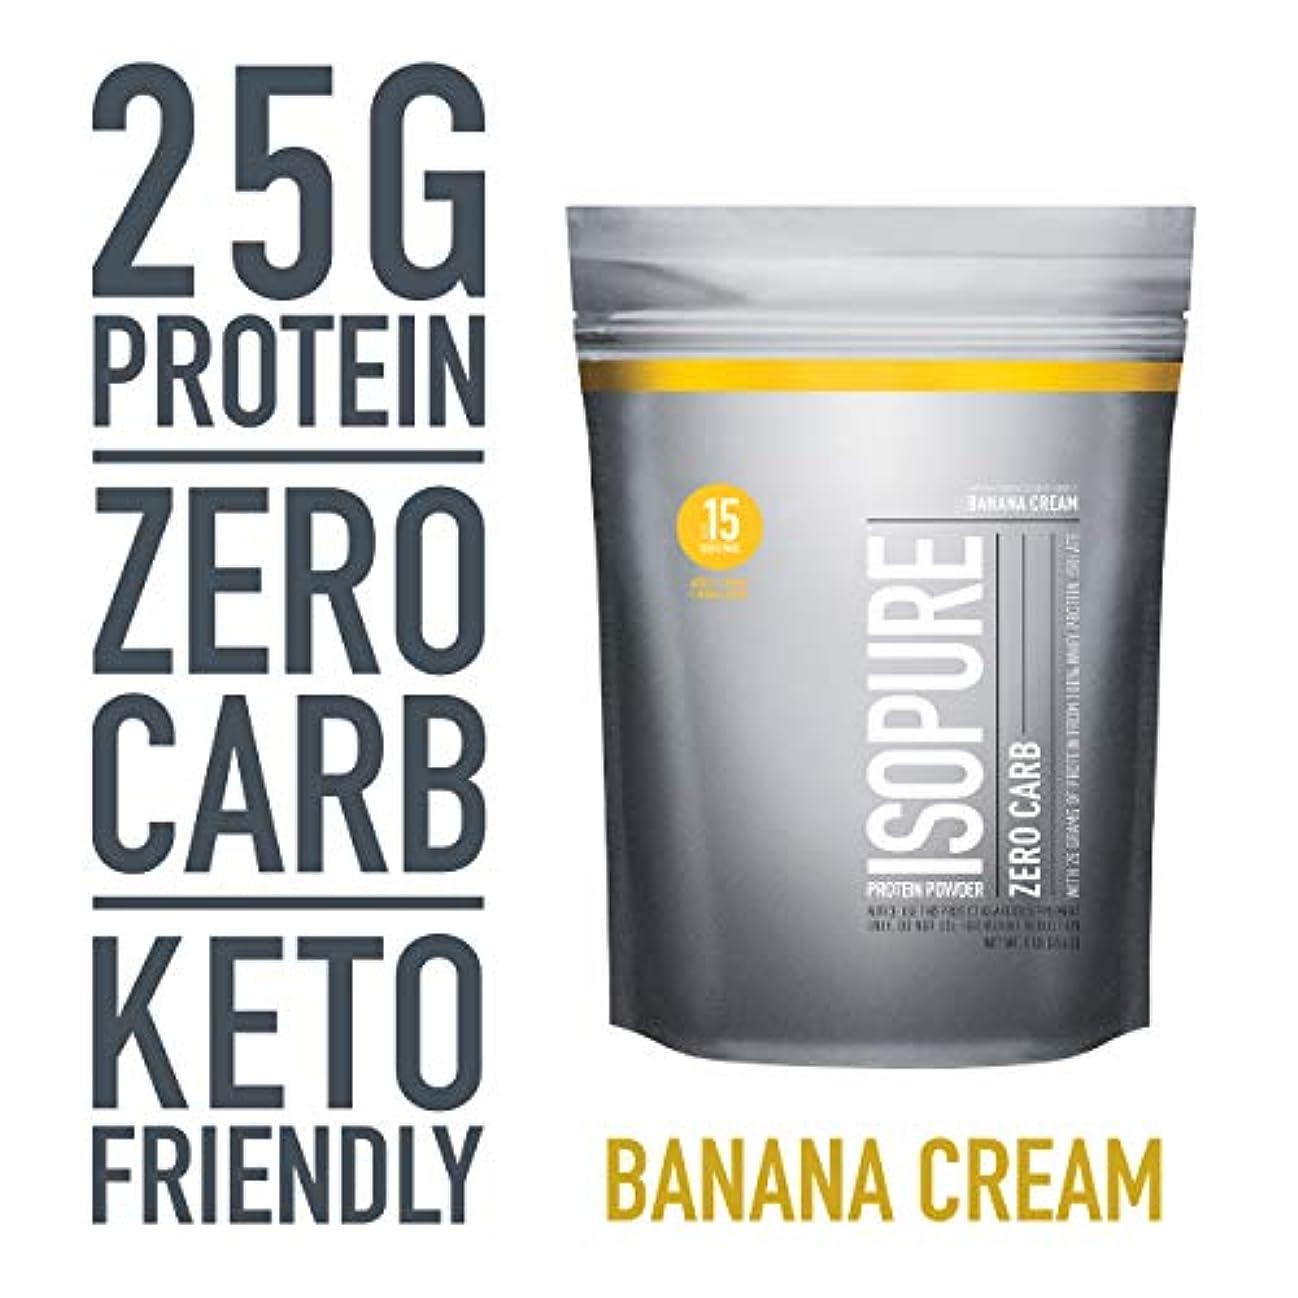 手綱エアコン海外Nature's Best - Isopure 完璧なゼロ炭水化物バナナ クリーム - 1ポンド。